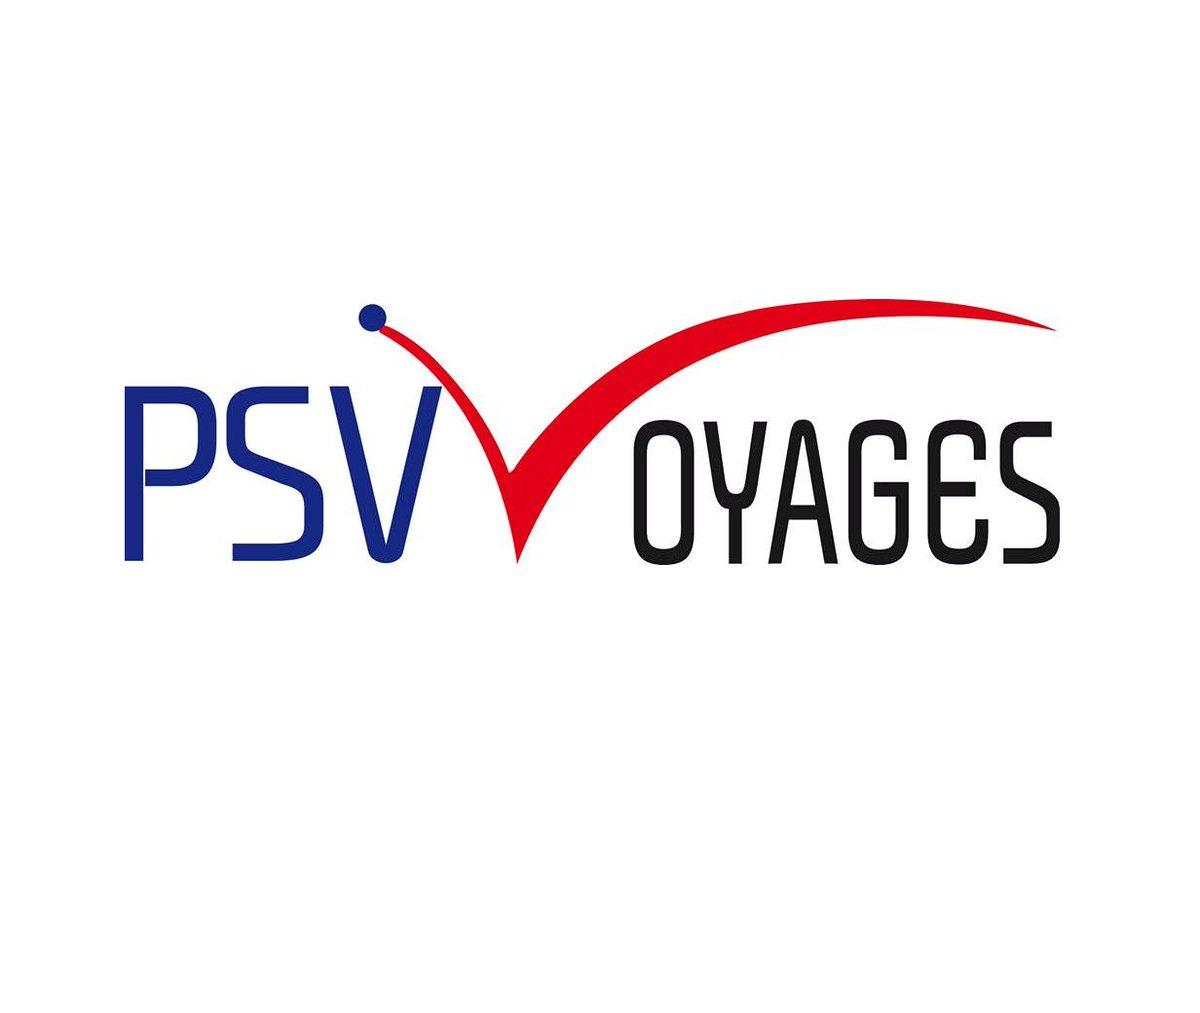 """#JobOffer ! """"PSV Voyages"""" recherche dans le cadre de ses activités, un sales representative. Postulez à l'offre ici: http://bit.ly/2kw9p14"""